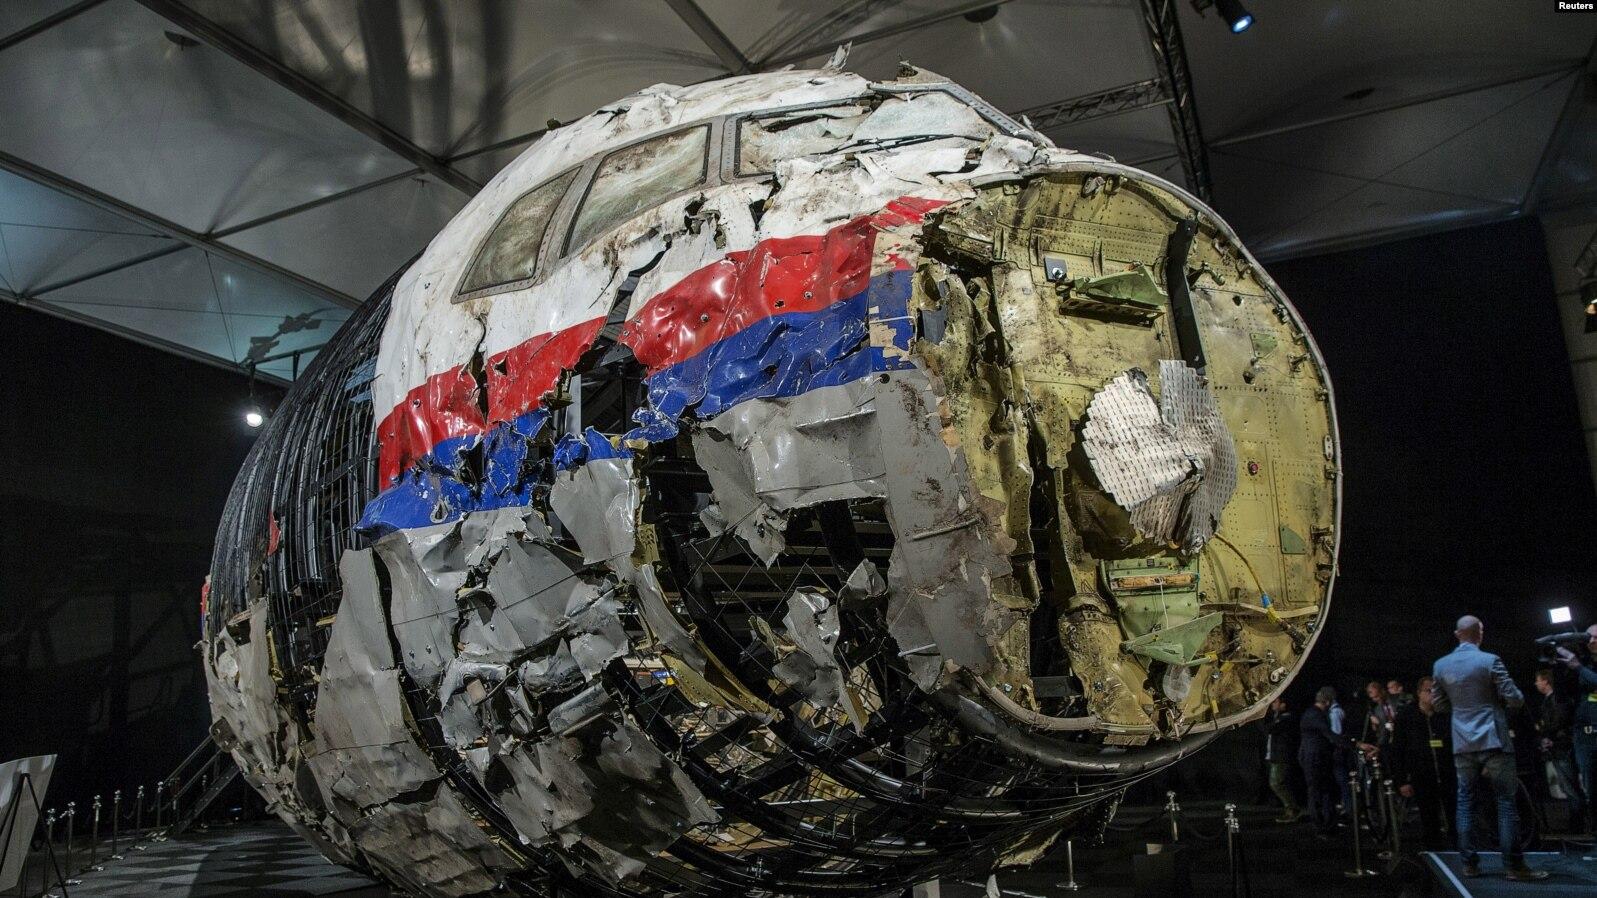 https: img.okezone.com content 2021 07 17 337 2441998 peristiwa-17-juli-tragedi-bom-mega-kuningan-hingga-pesawat-mh17-ditembak-rudal-OrB6ckAq6g.jpeg